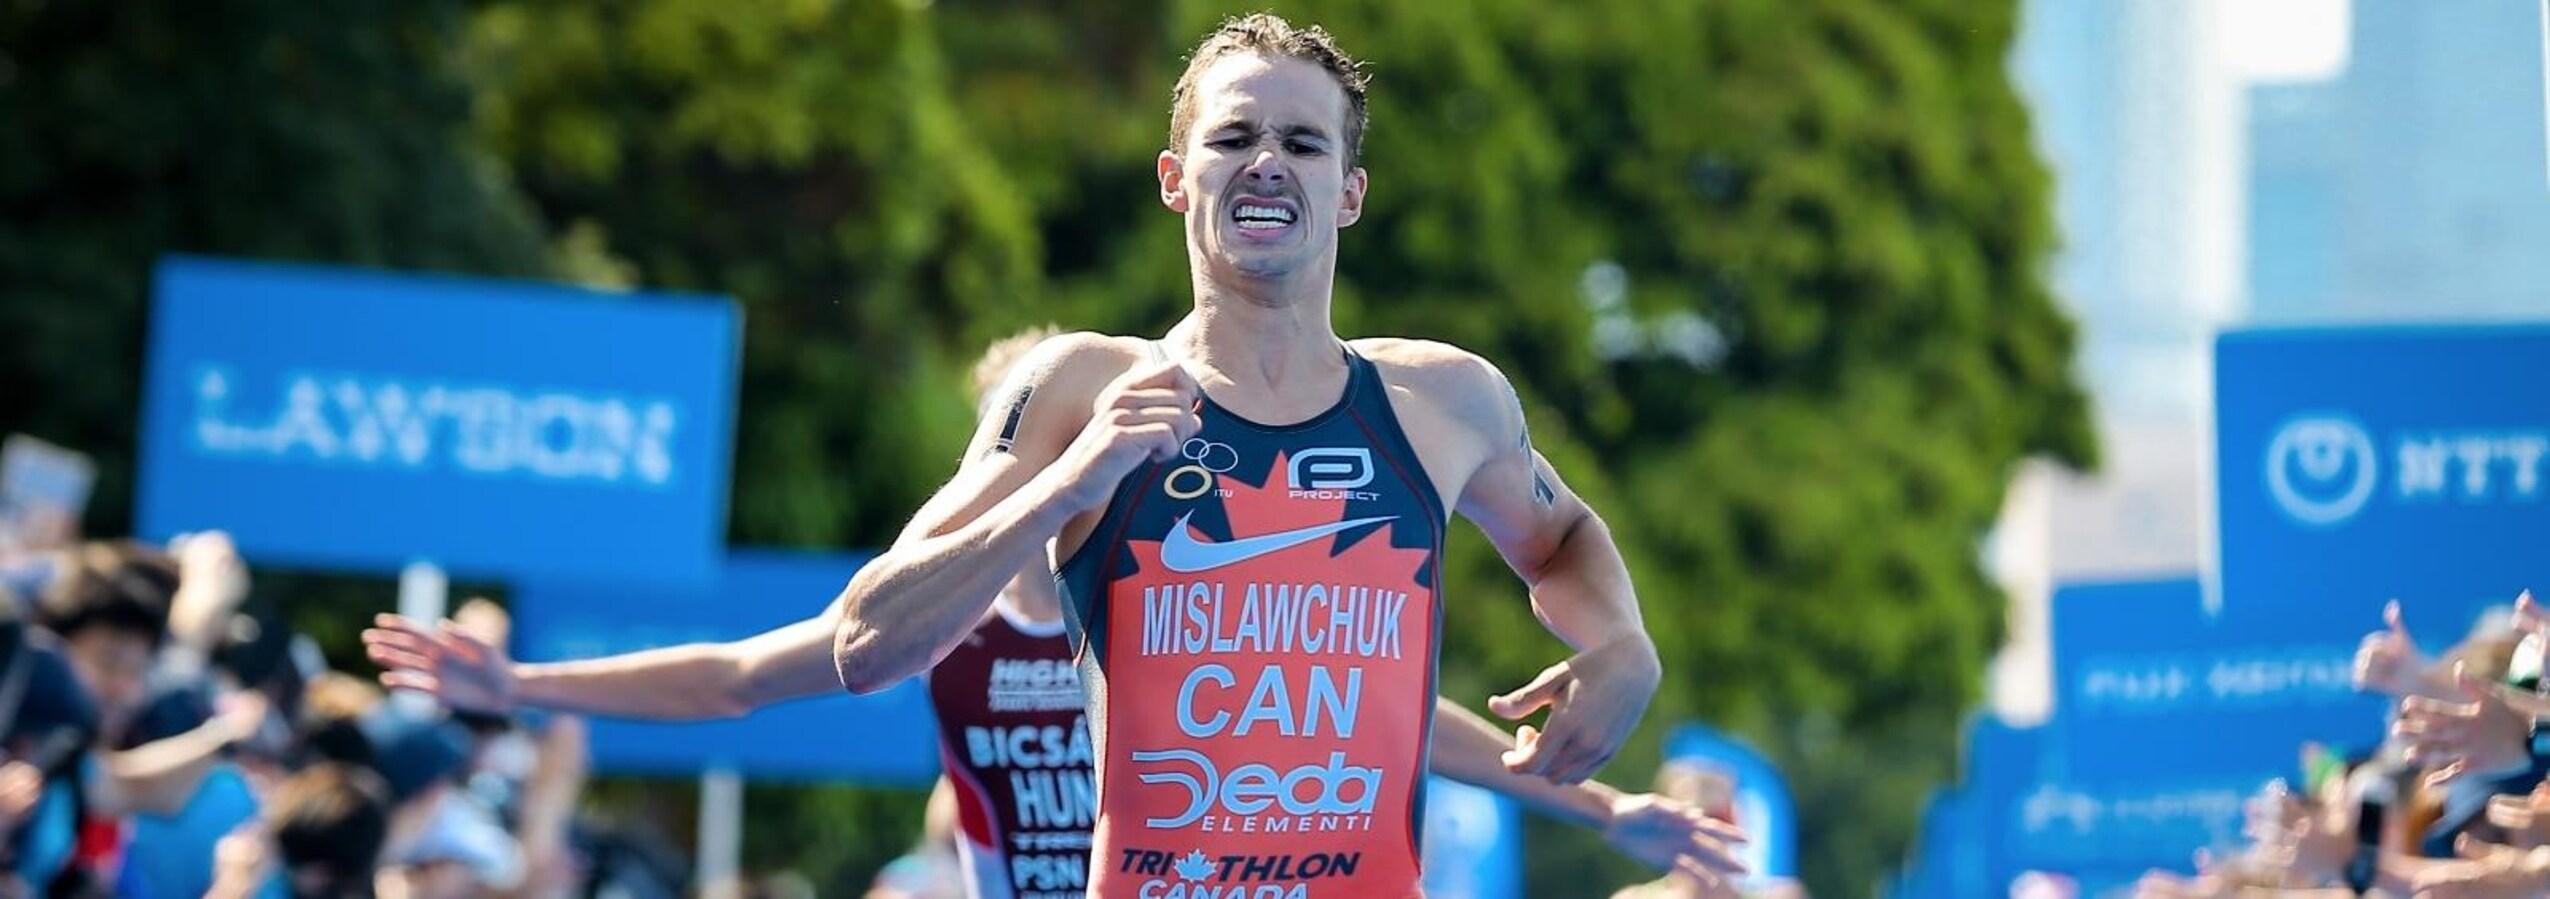 Le triathlonien Tyler Mislawchuk effectue un sprint vers la ligne d'arrivée.